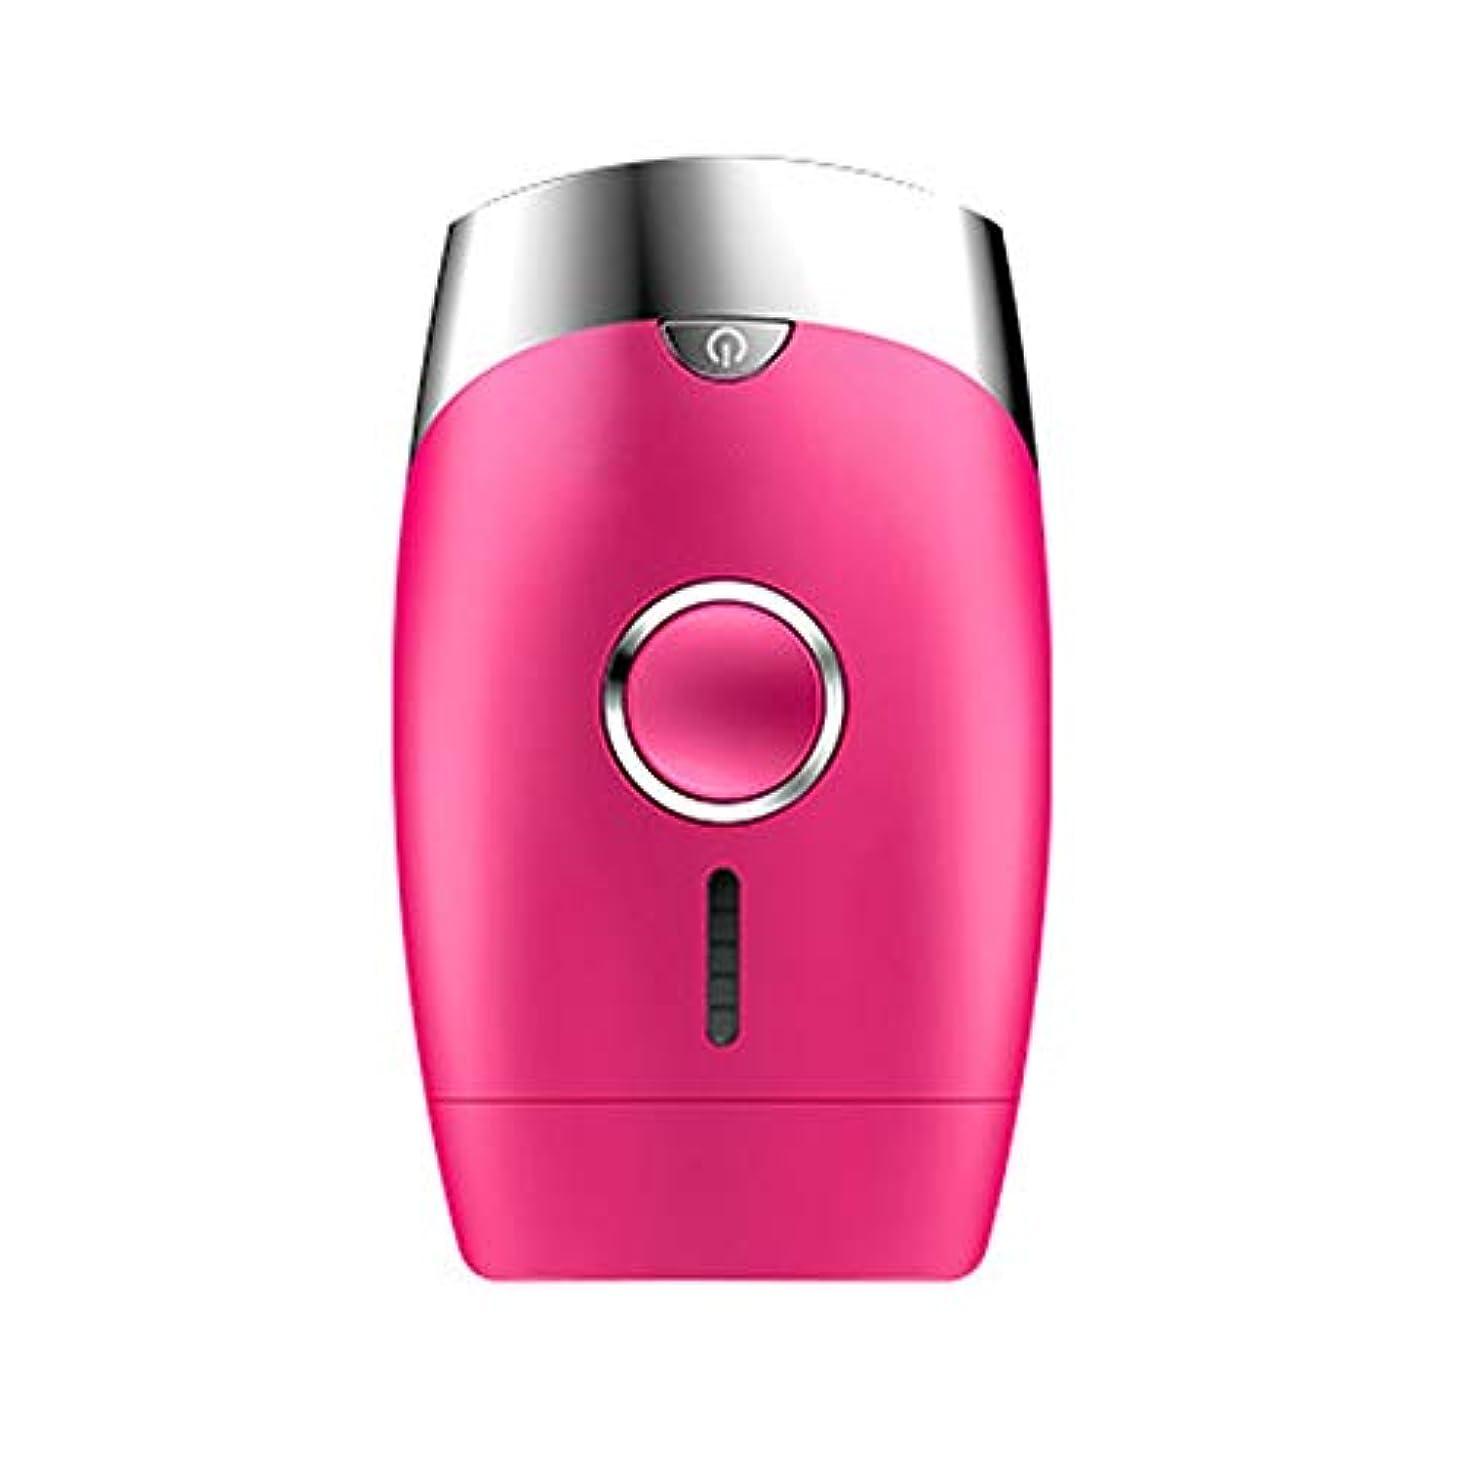 サラミ皮肉作物ダパイ ピンク、5スピード調整、インテリジェント家庭用痛みのない凝固点ヘアリムーバー、シングルフラッシュ/連続フラッシュ、サイズ13.9 X 8.3 X 4.8 Cm U546 (Color : Pink)